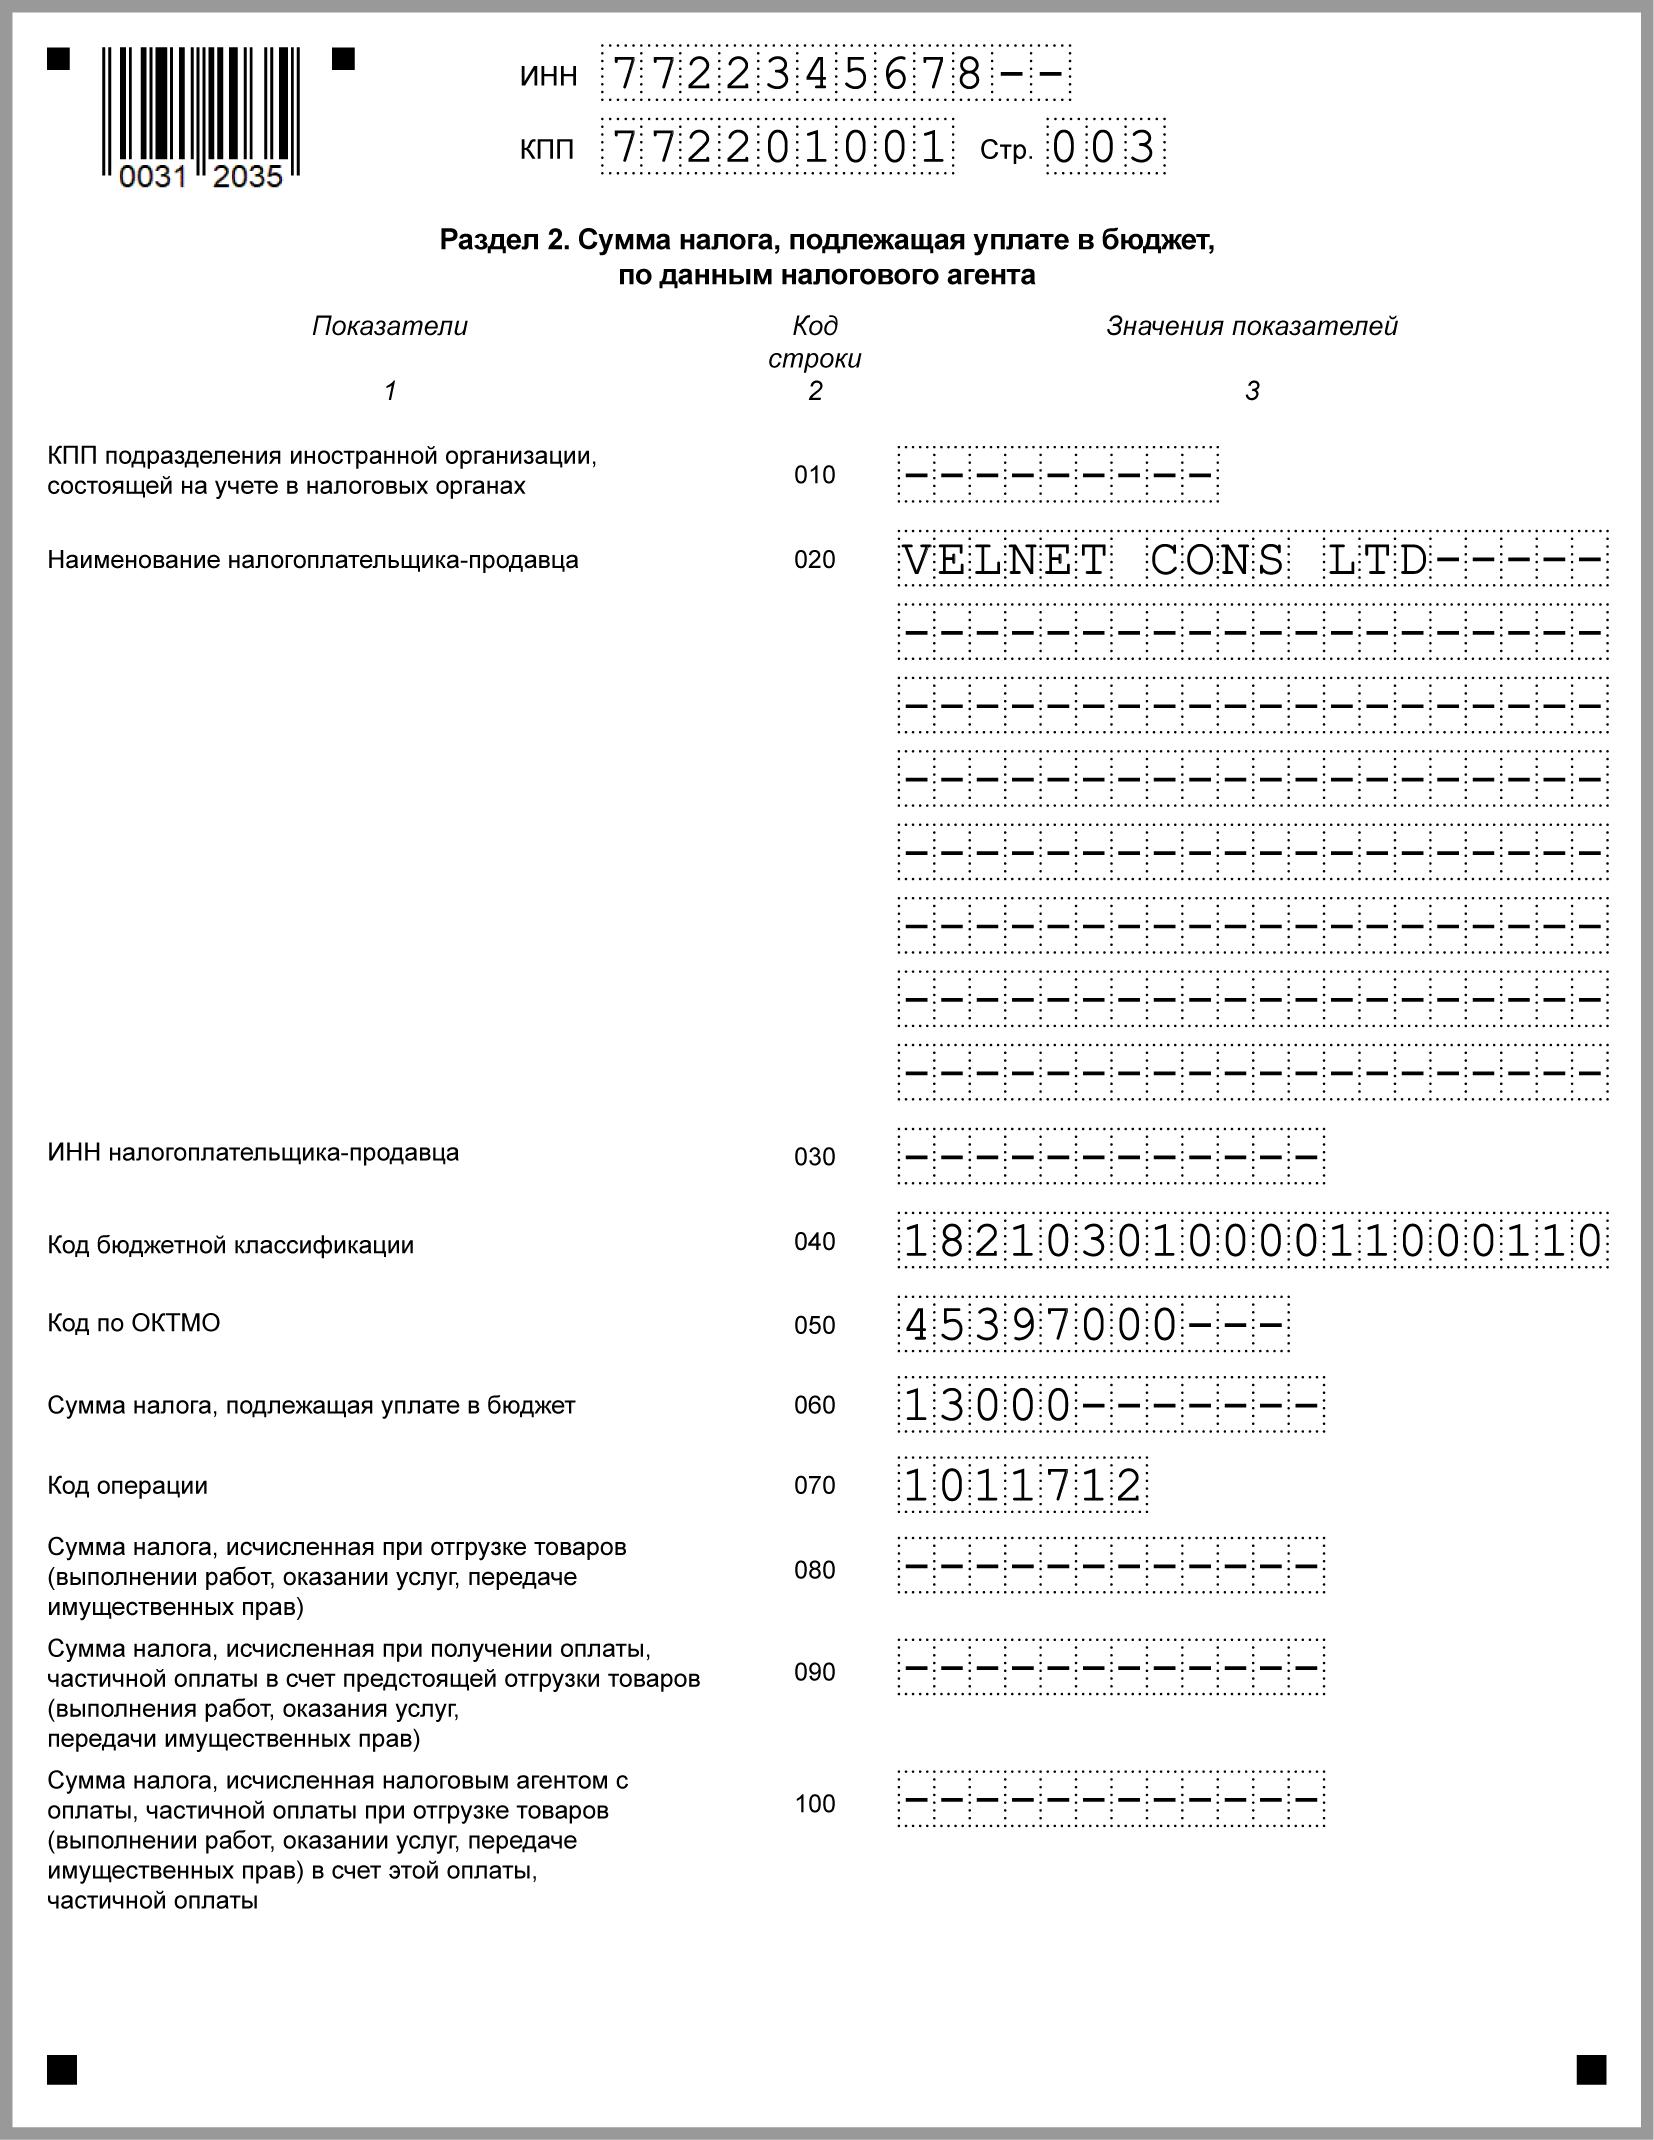 Раздел 2 декларации при покупке у иностранца